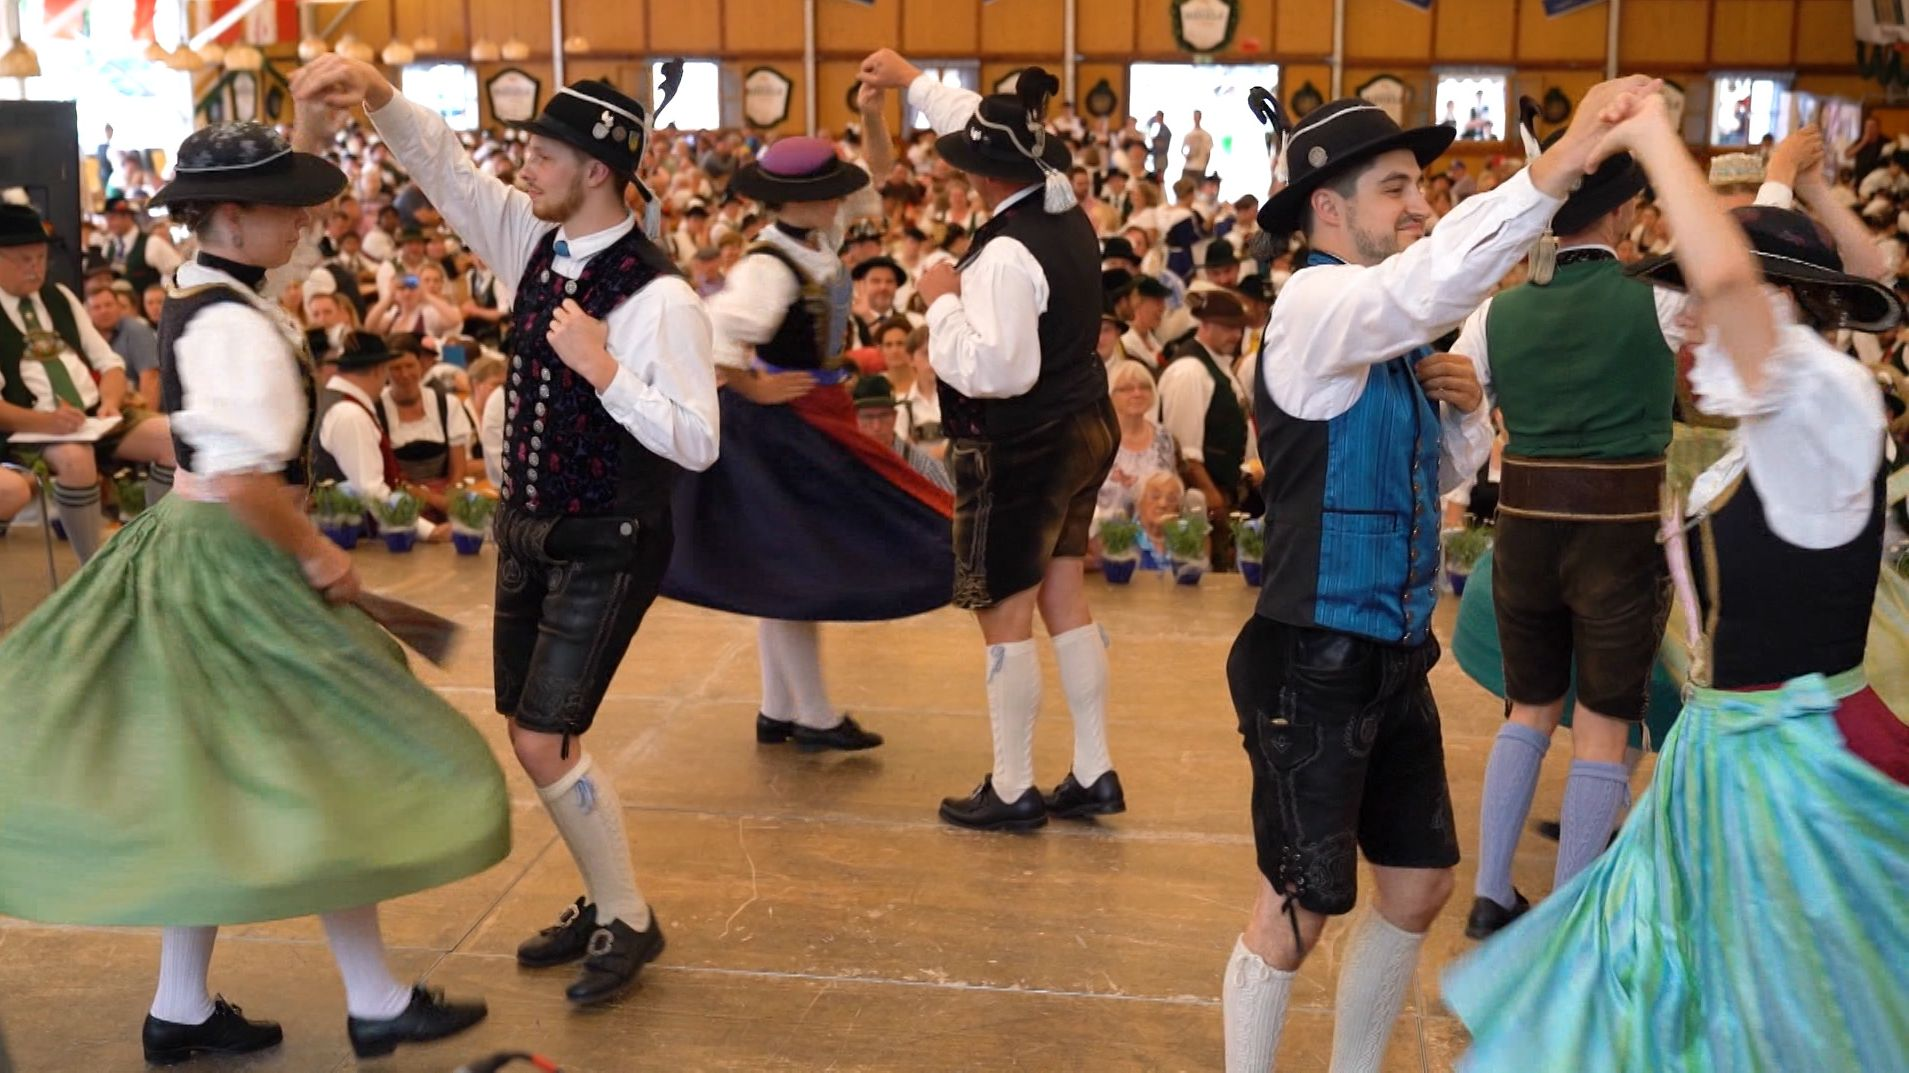 Tänzerinnen und Tänzer beim Wettbewerb